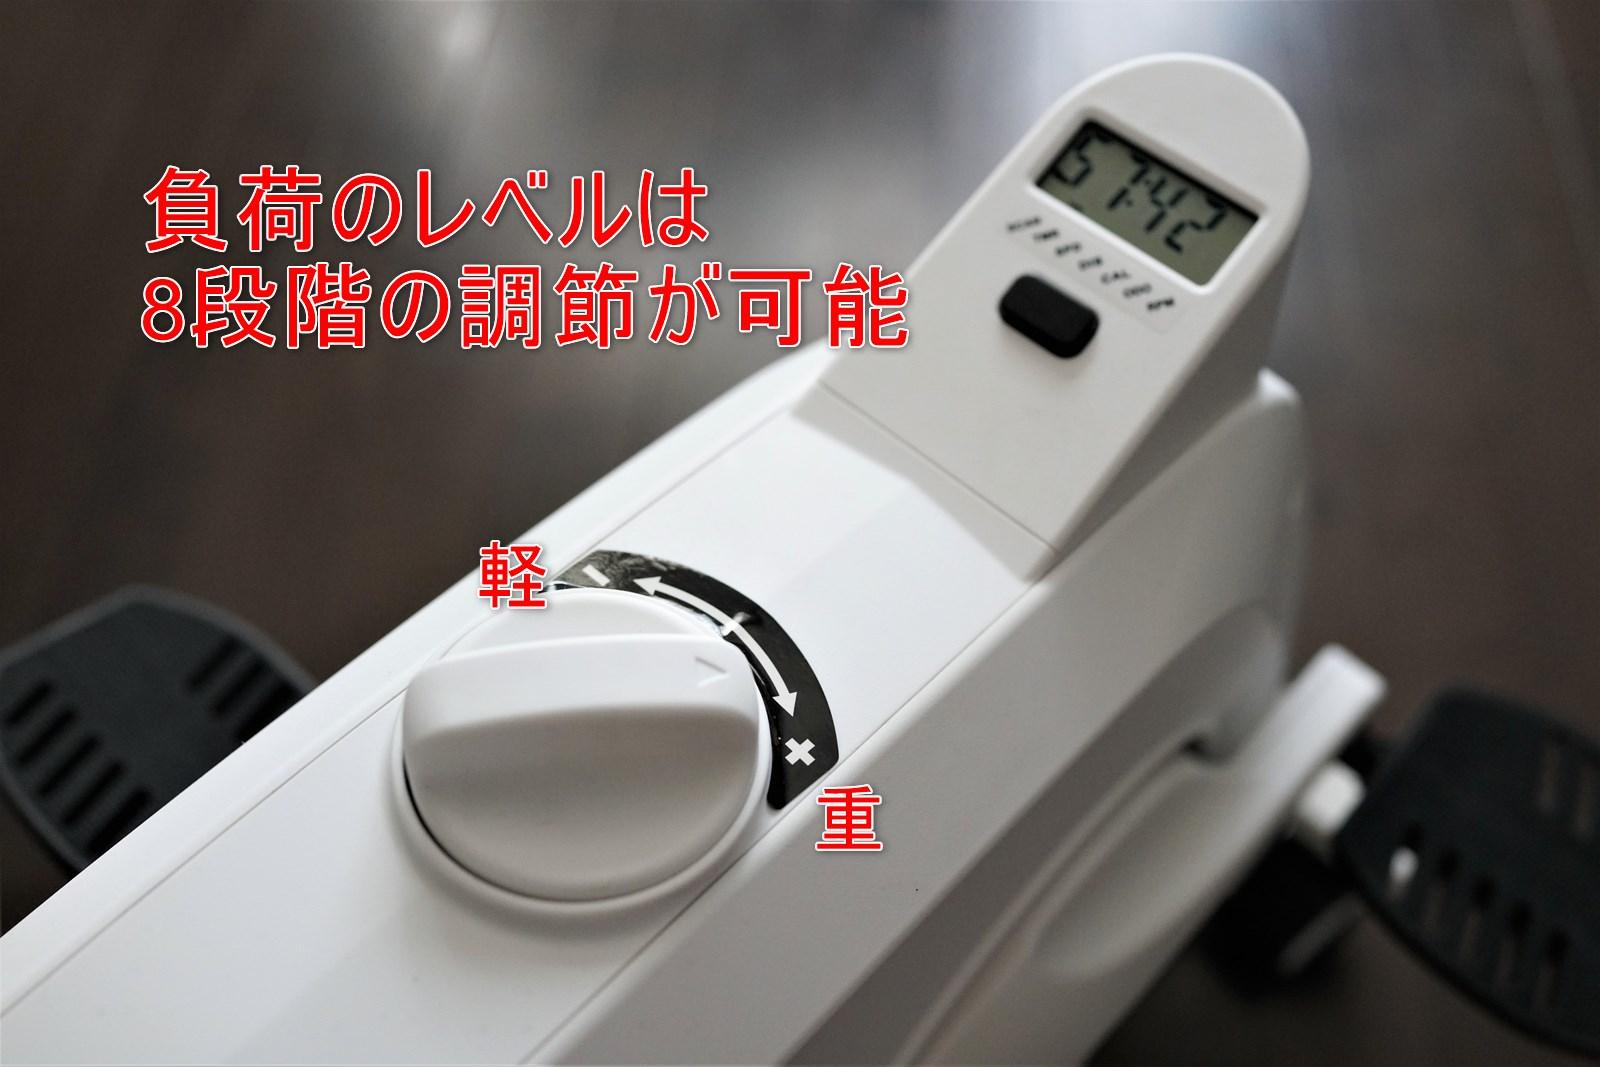 flexispot Sit2Go FC211 レビュー 負荷のレベルは8段階切り替えで最大負荷はかなり脚に効く